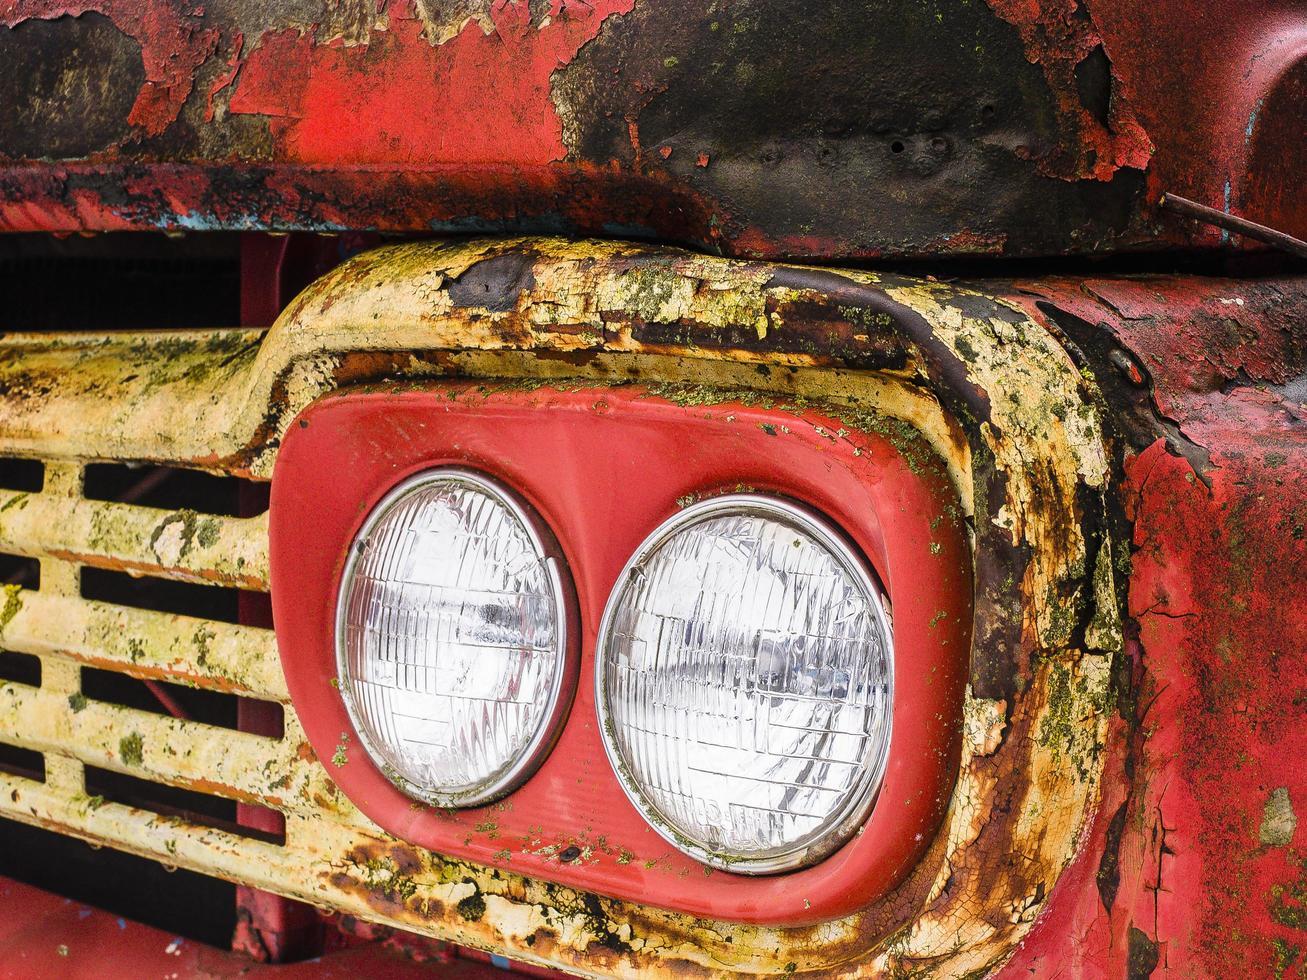 Detalle de los faros de un oxidado camión rojo y amarillo foto